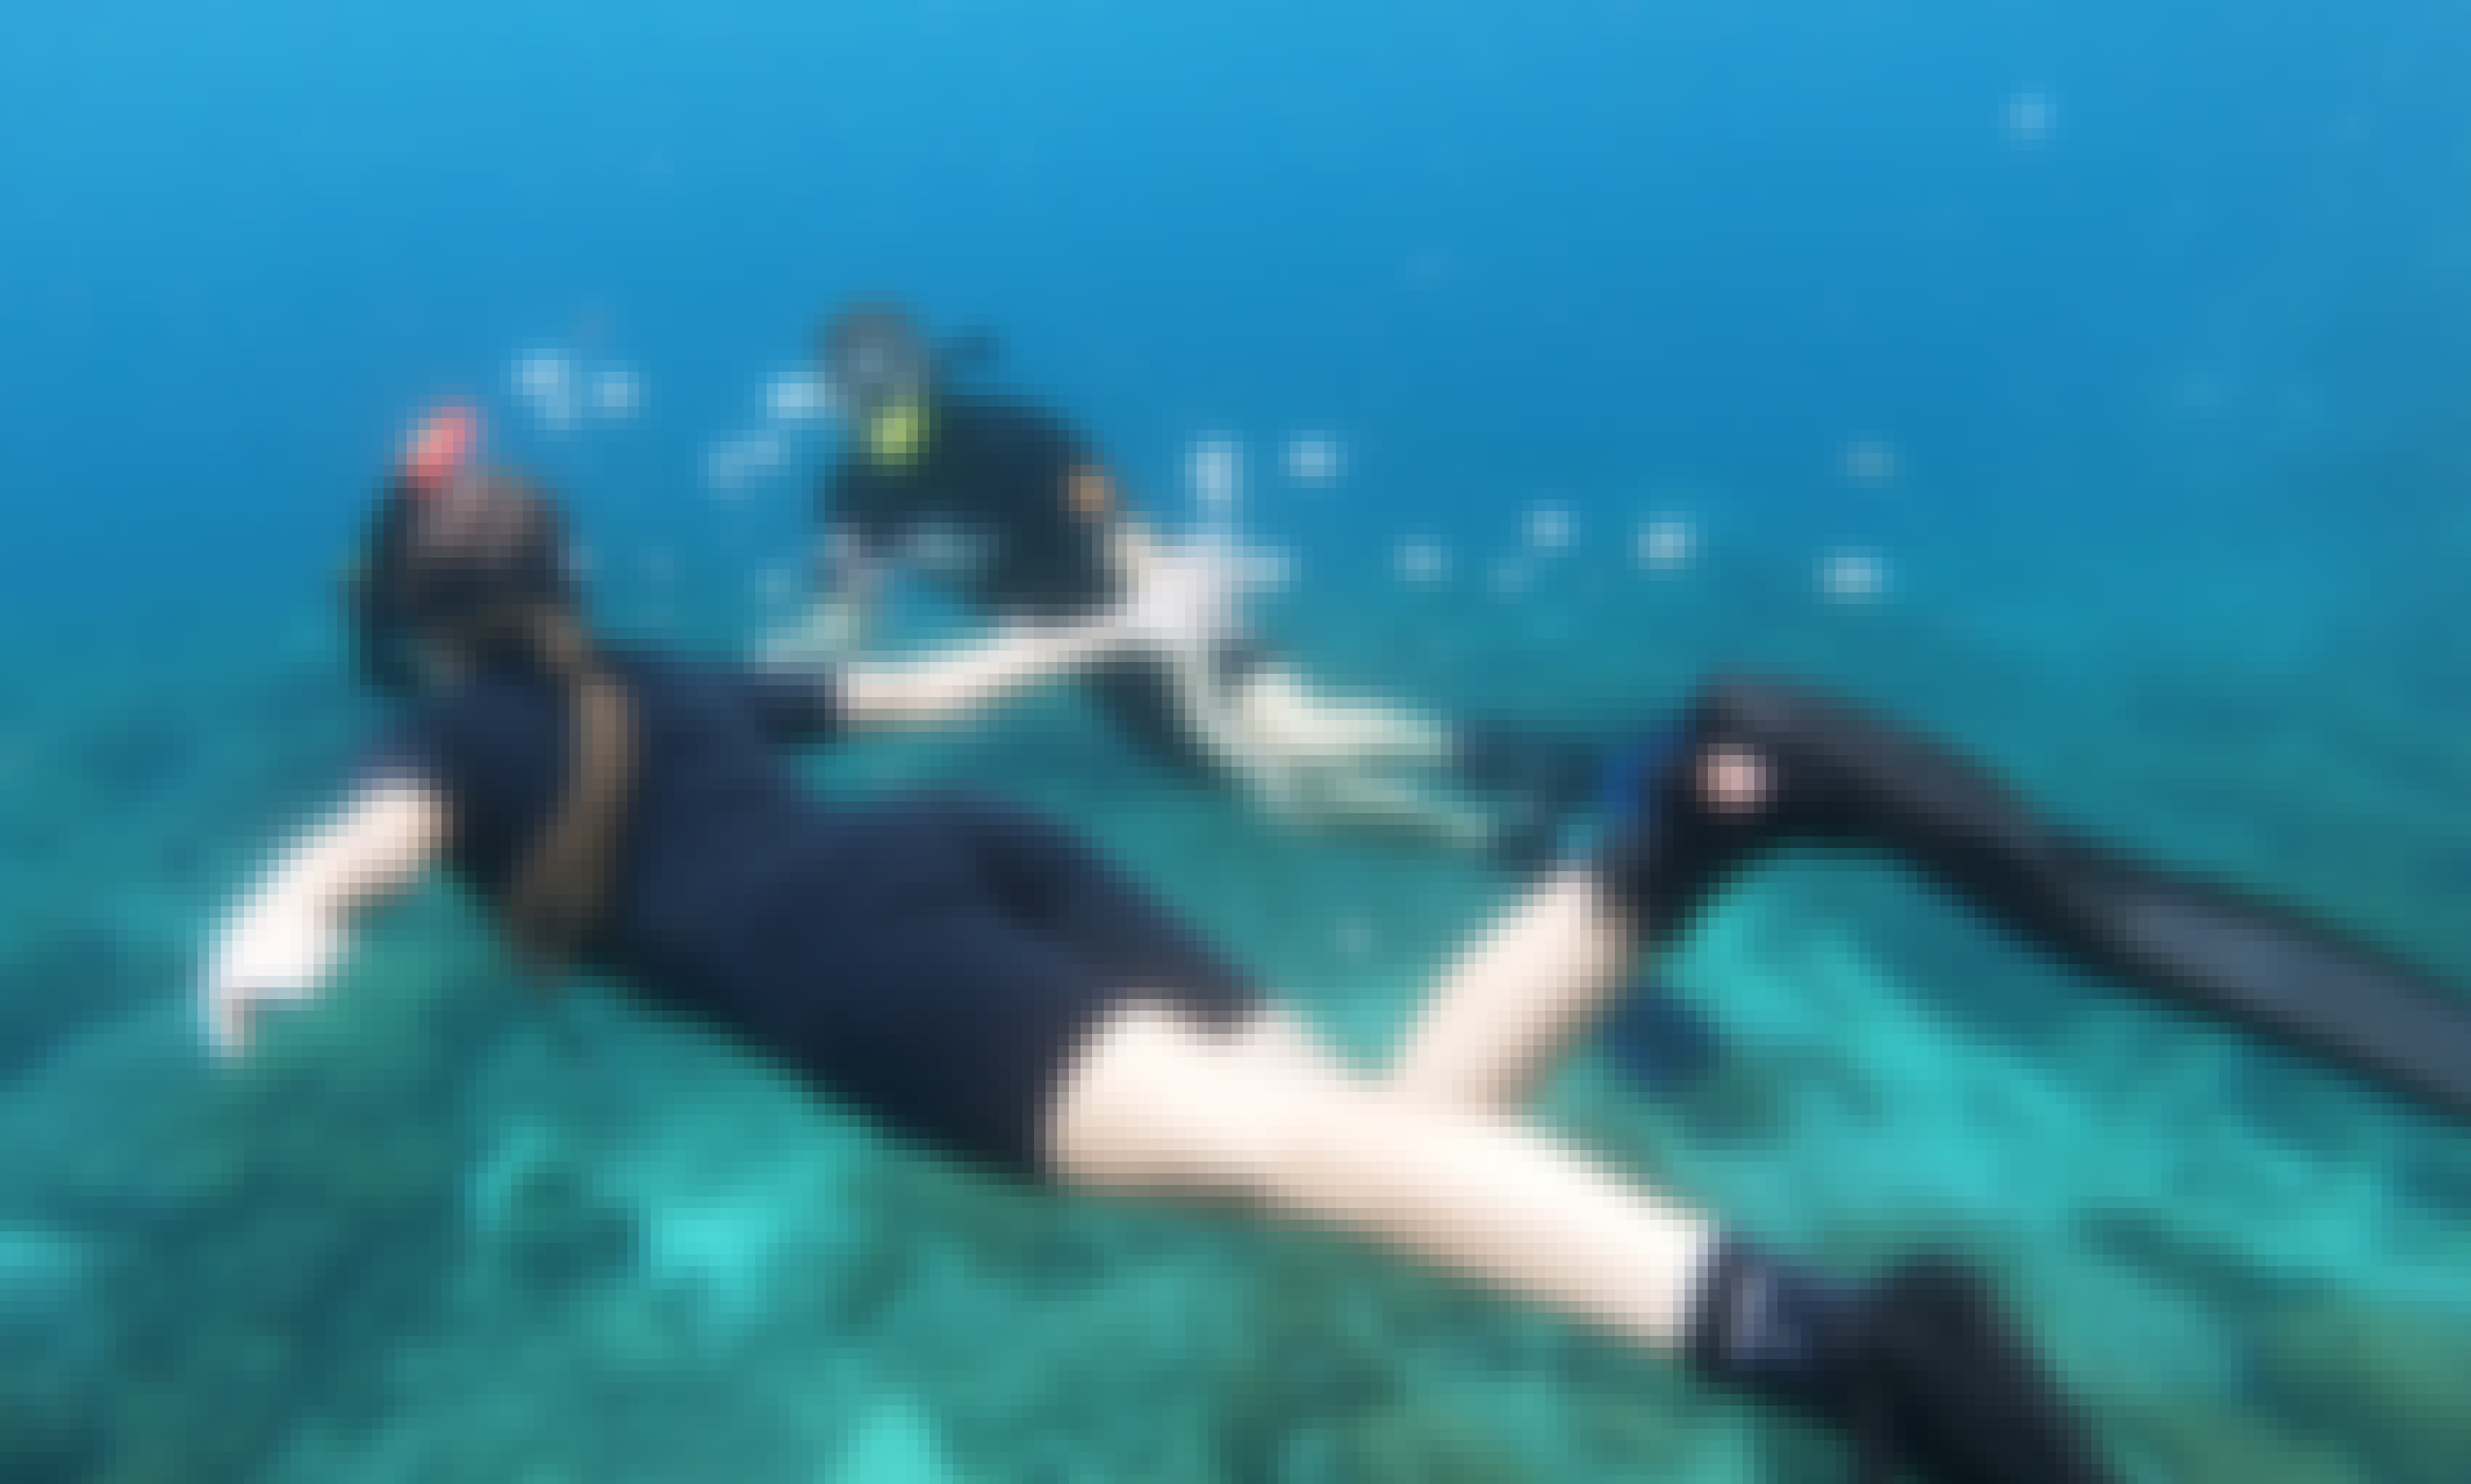 Bali - Snorkeling trip at Padang Bai with Bali Diving